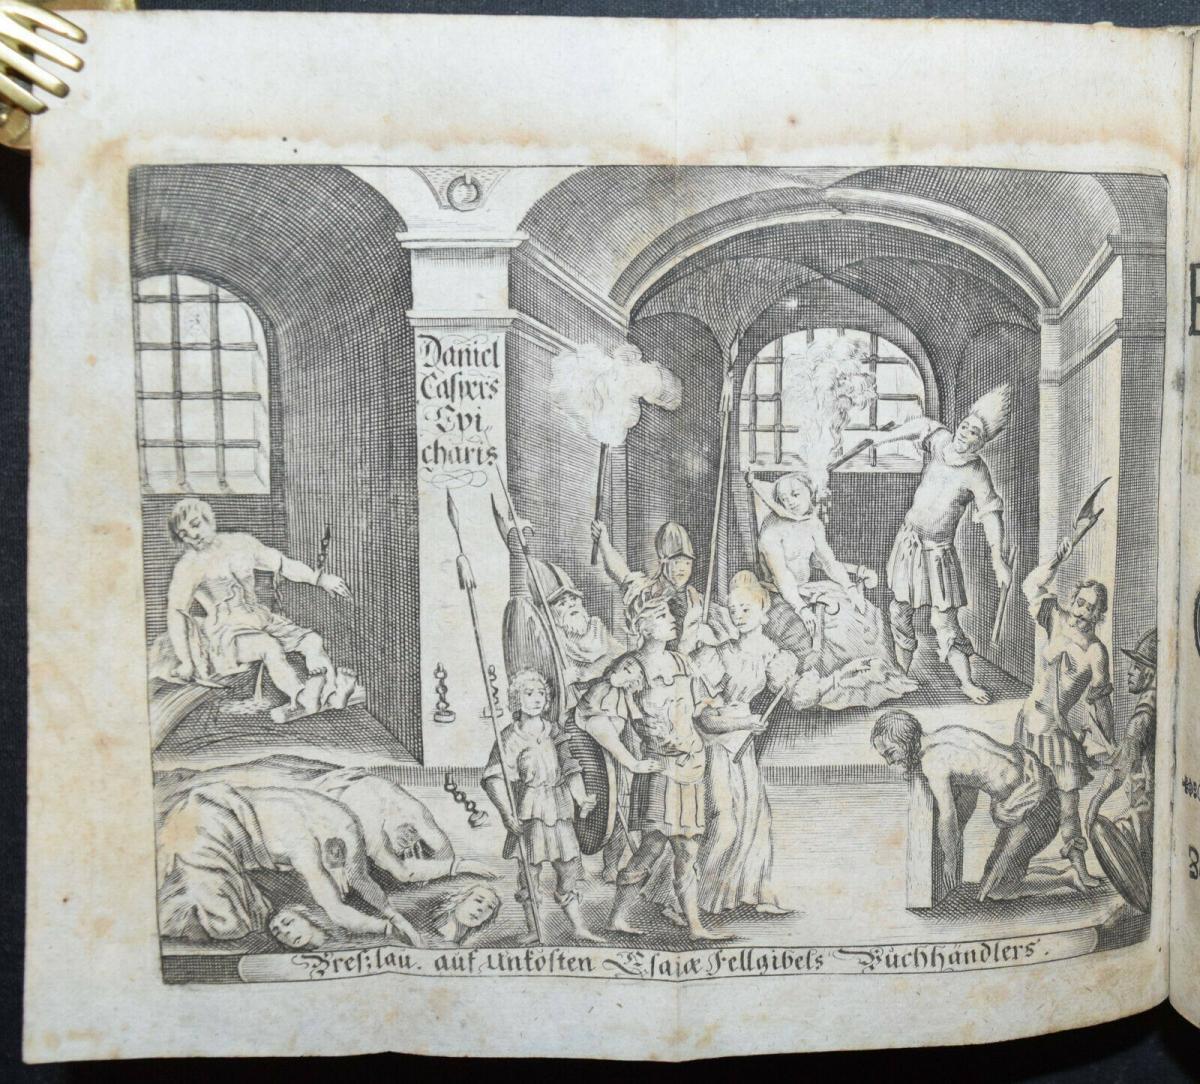 CLEOPATRA - DANIEL LOHENSTEIN - SAMMELBAND 1679 - 1724 - THEATERSTÜCKE - DRAMEN 8